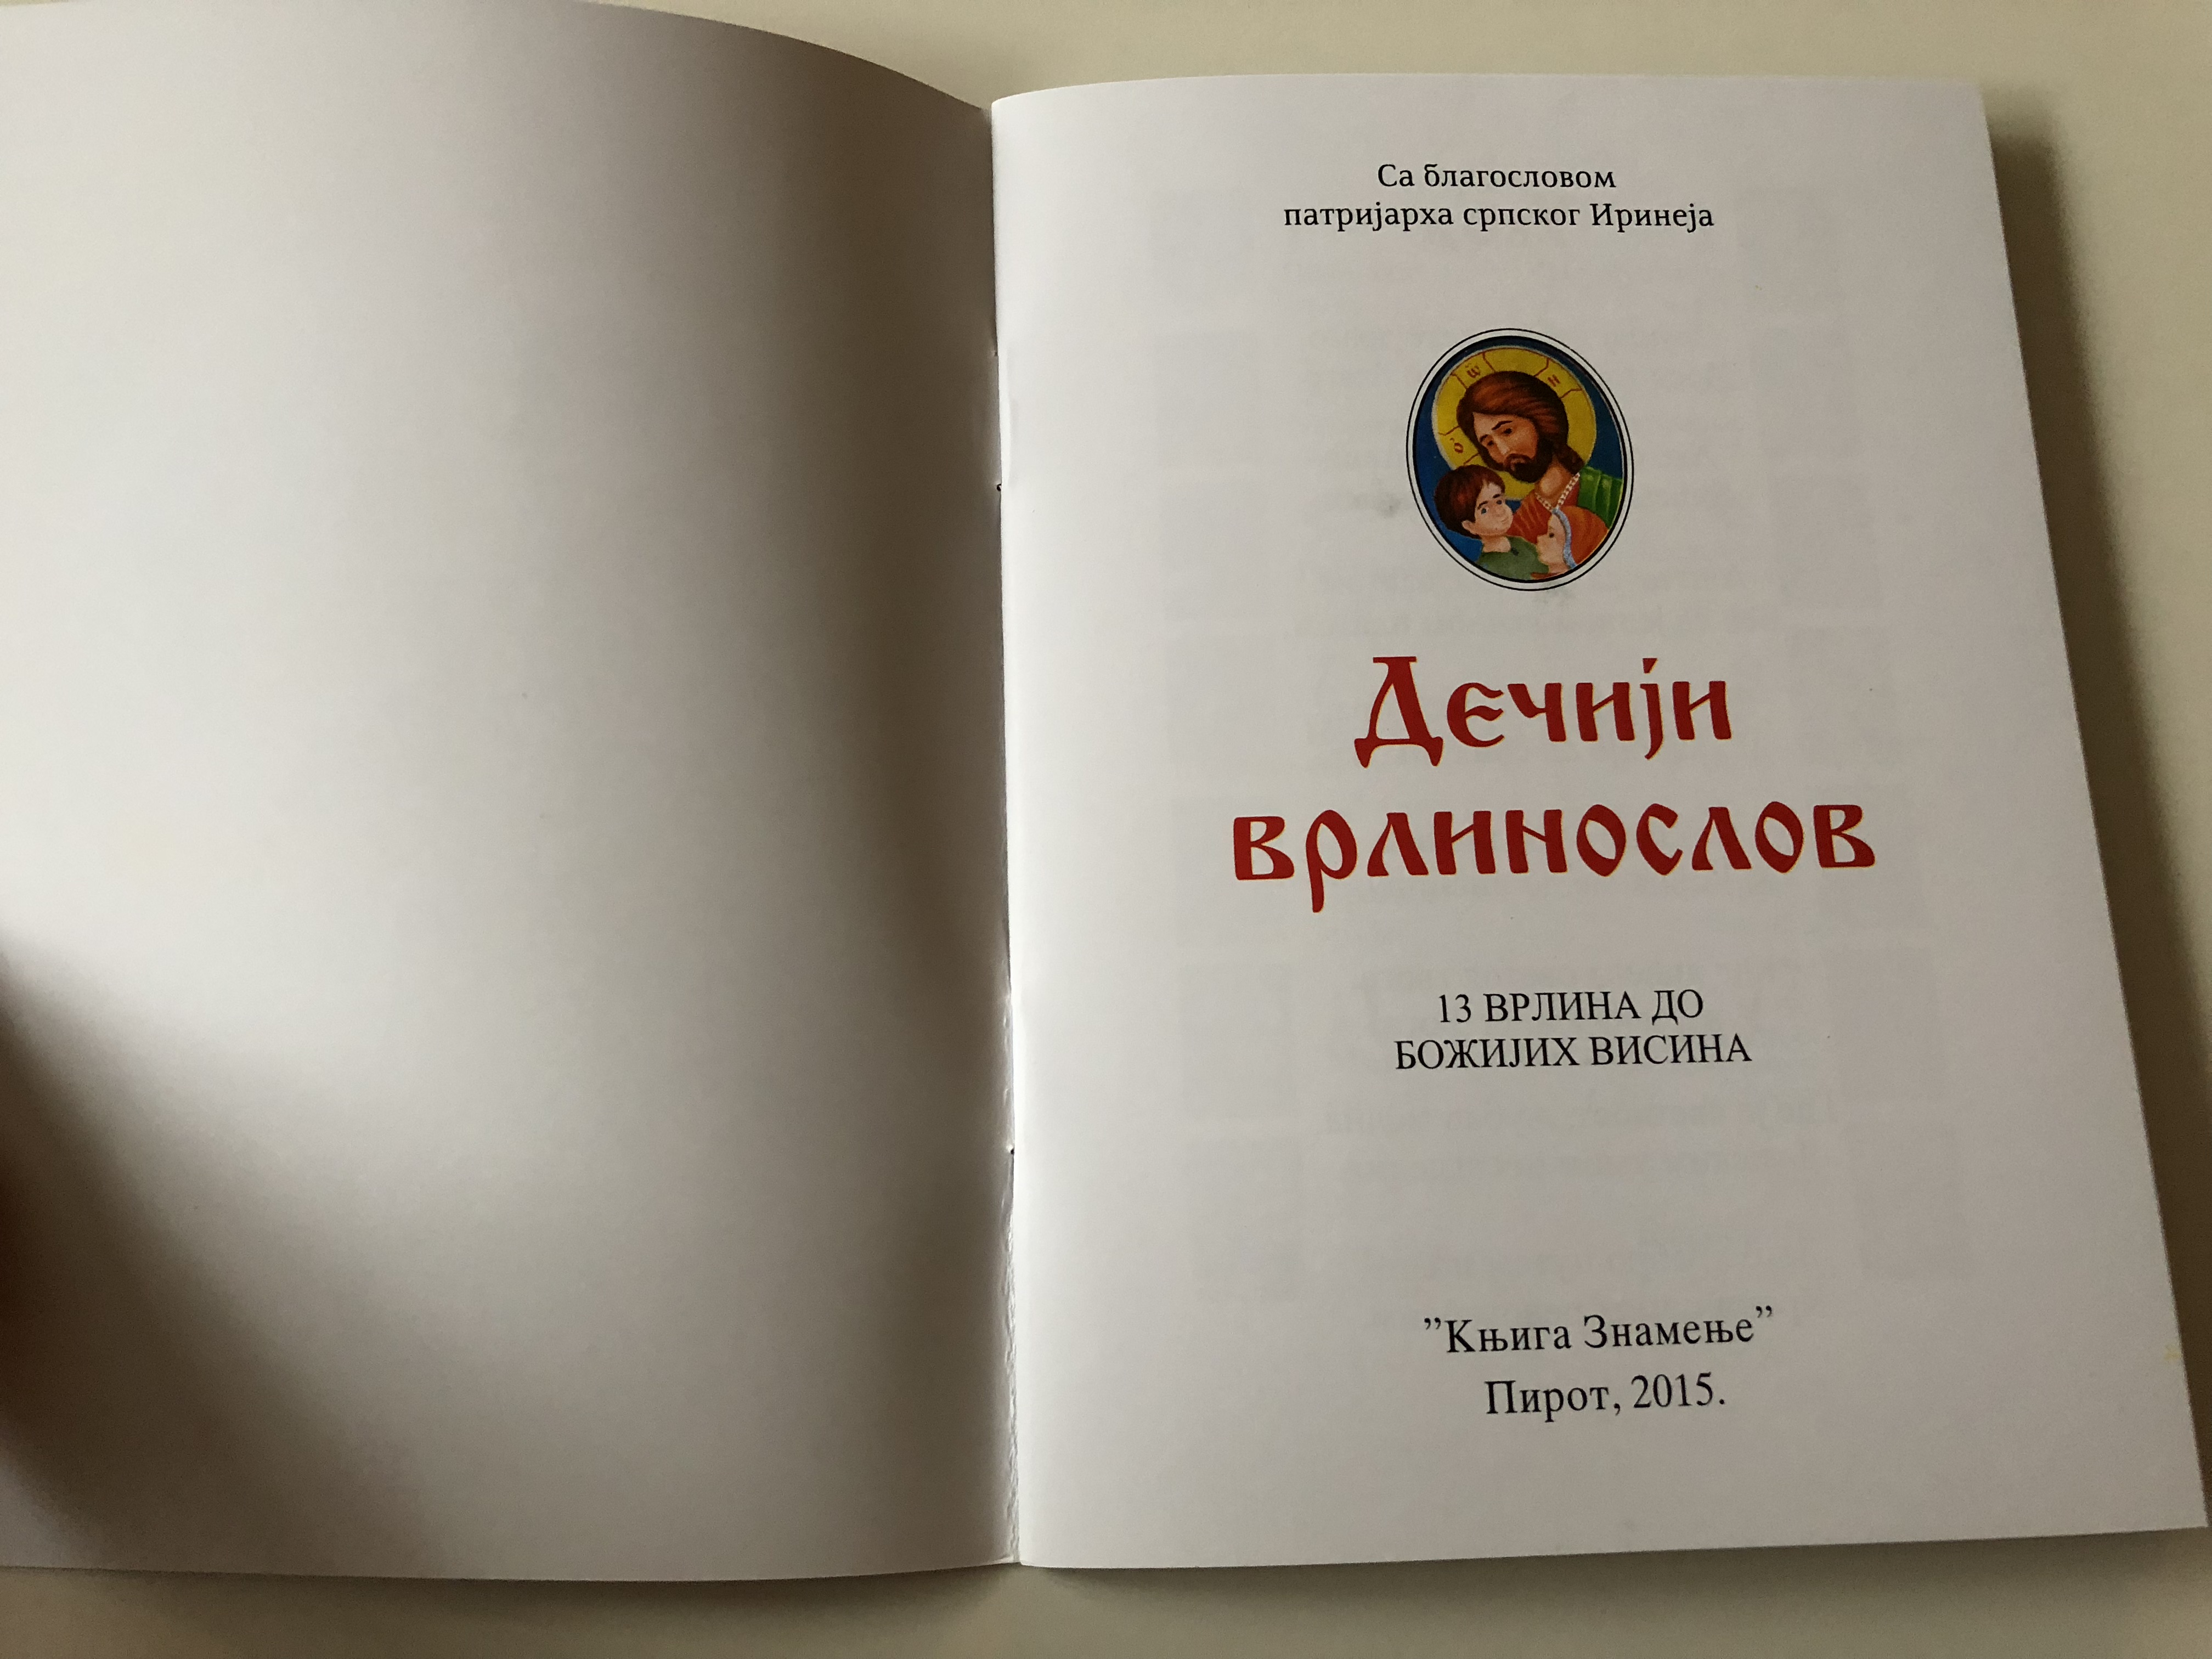 serbian-orthodox-storybook-virtues-of-saints-2-.jpg